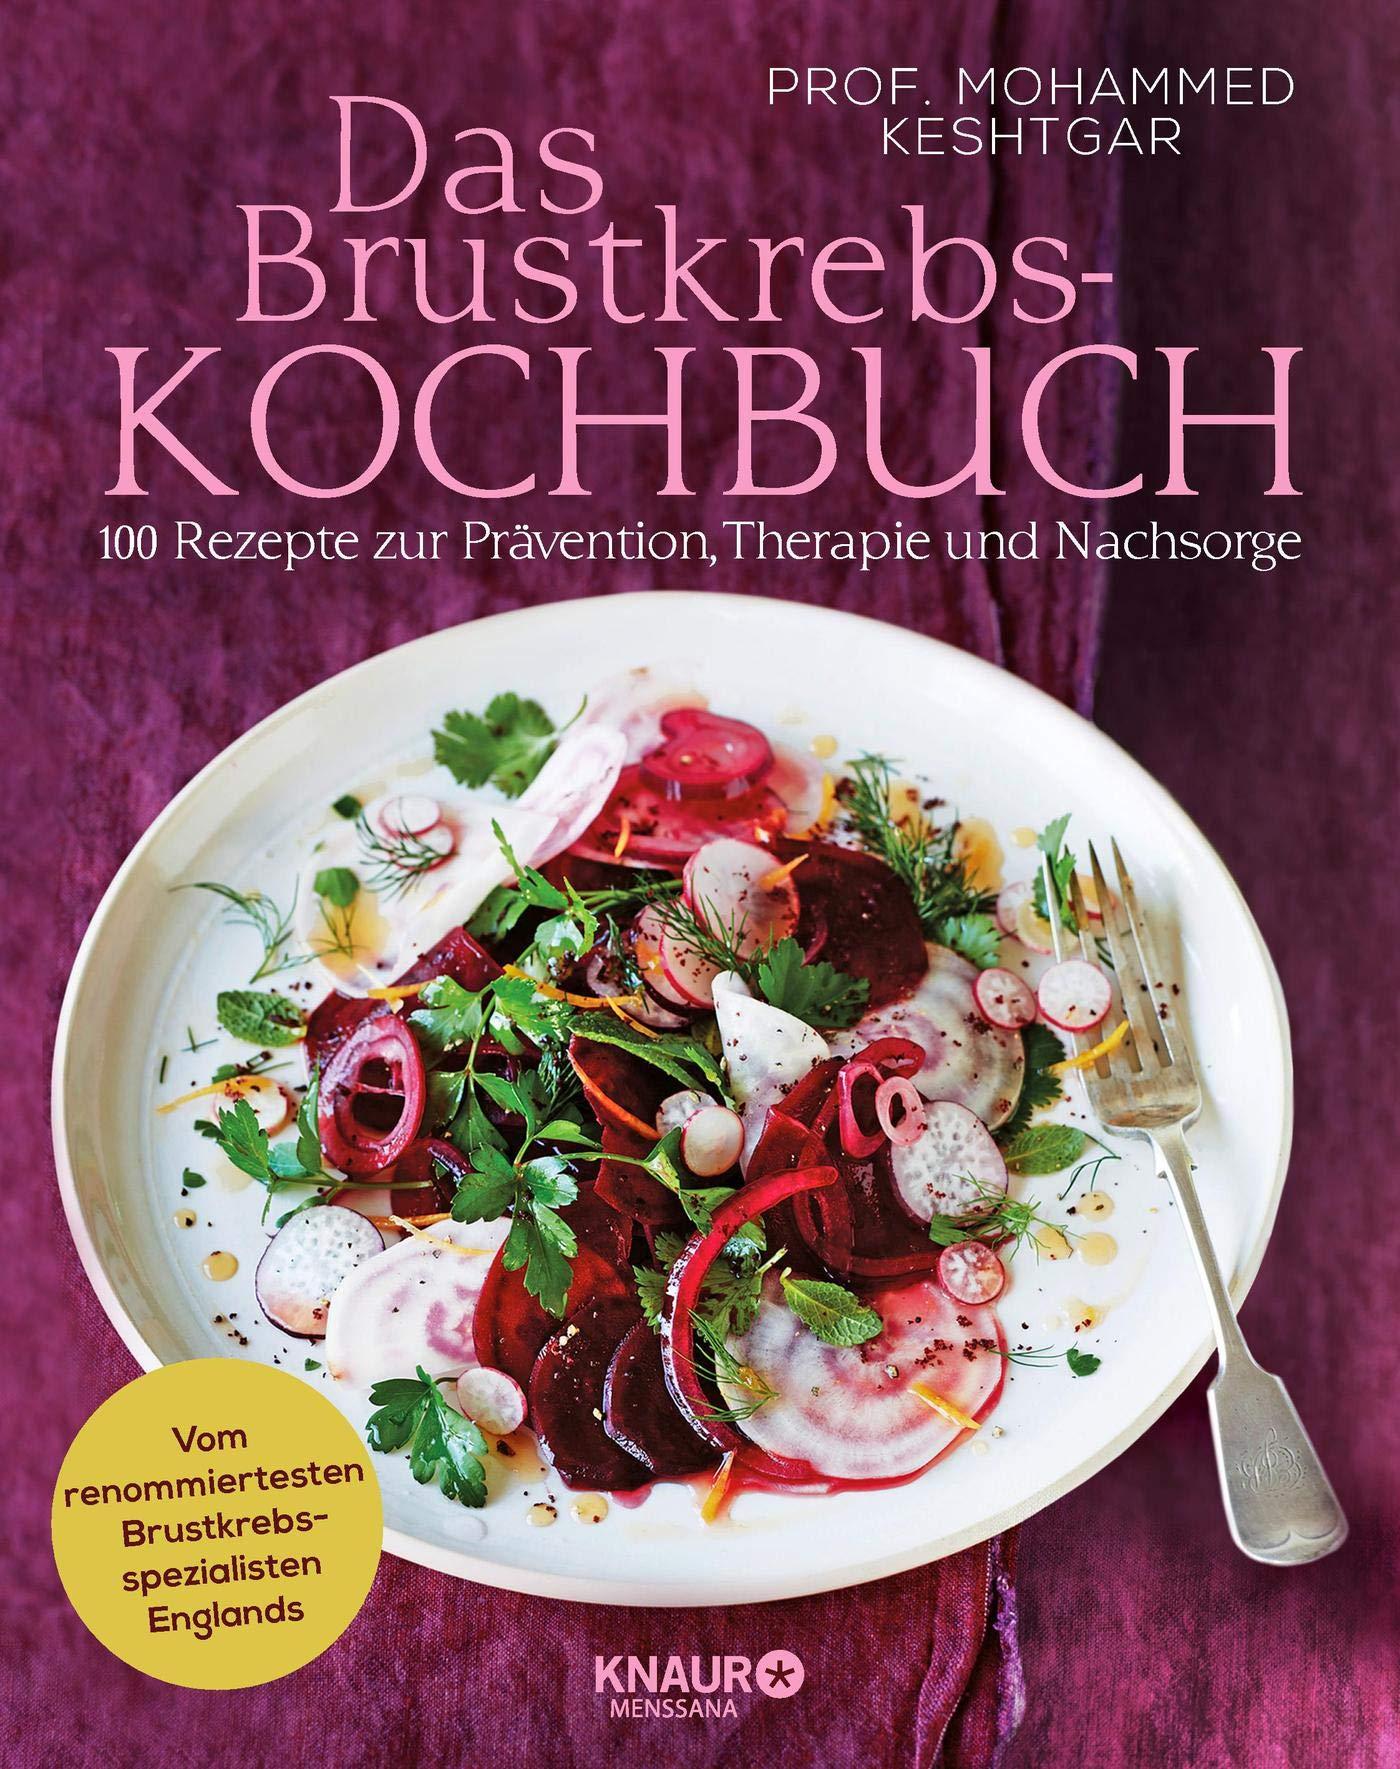 Das Brustkrebs-Kochbuch: 100 Rezepte zur Prävention, Therapie und  Nachsorge: Amazon.de: Prof. Mohammed Keshtgar, Brigitte Rüssmann, Wolfgang  Beuchelt: ...